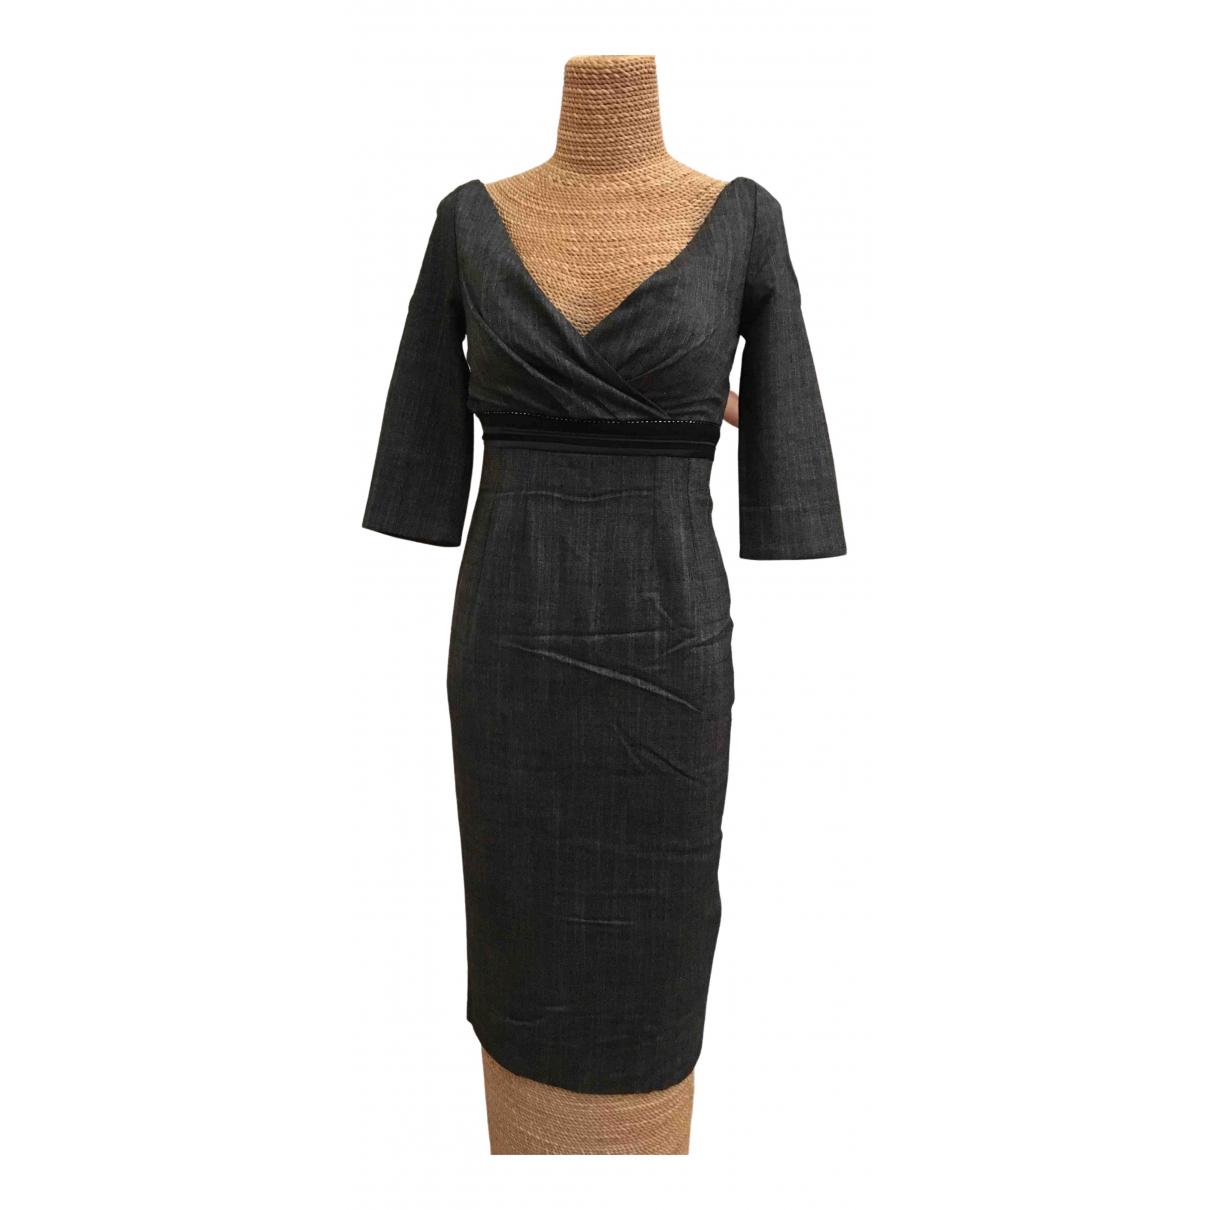 Pinko \N Kleid in  Grau Viskose